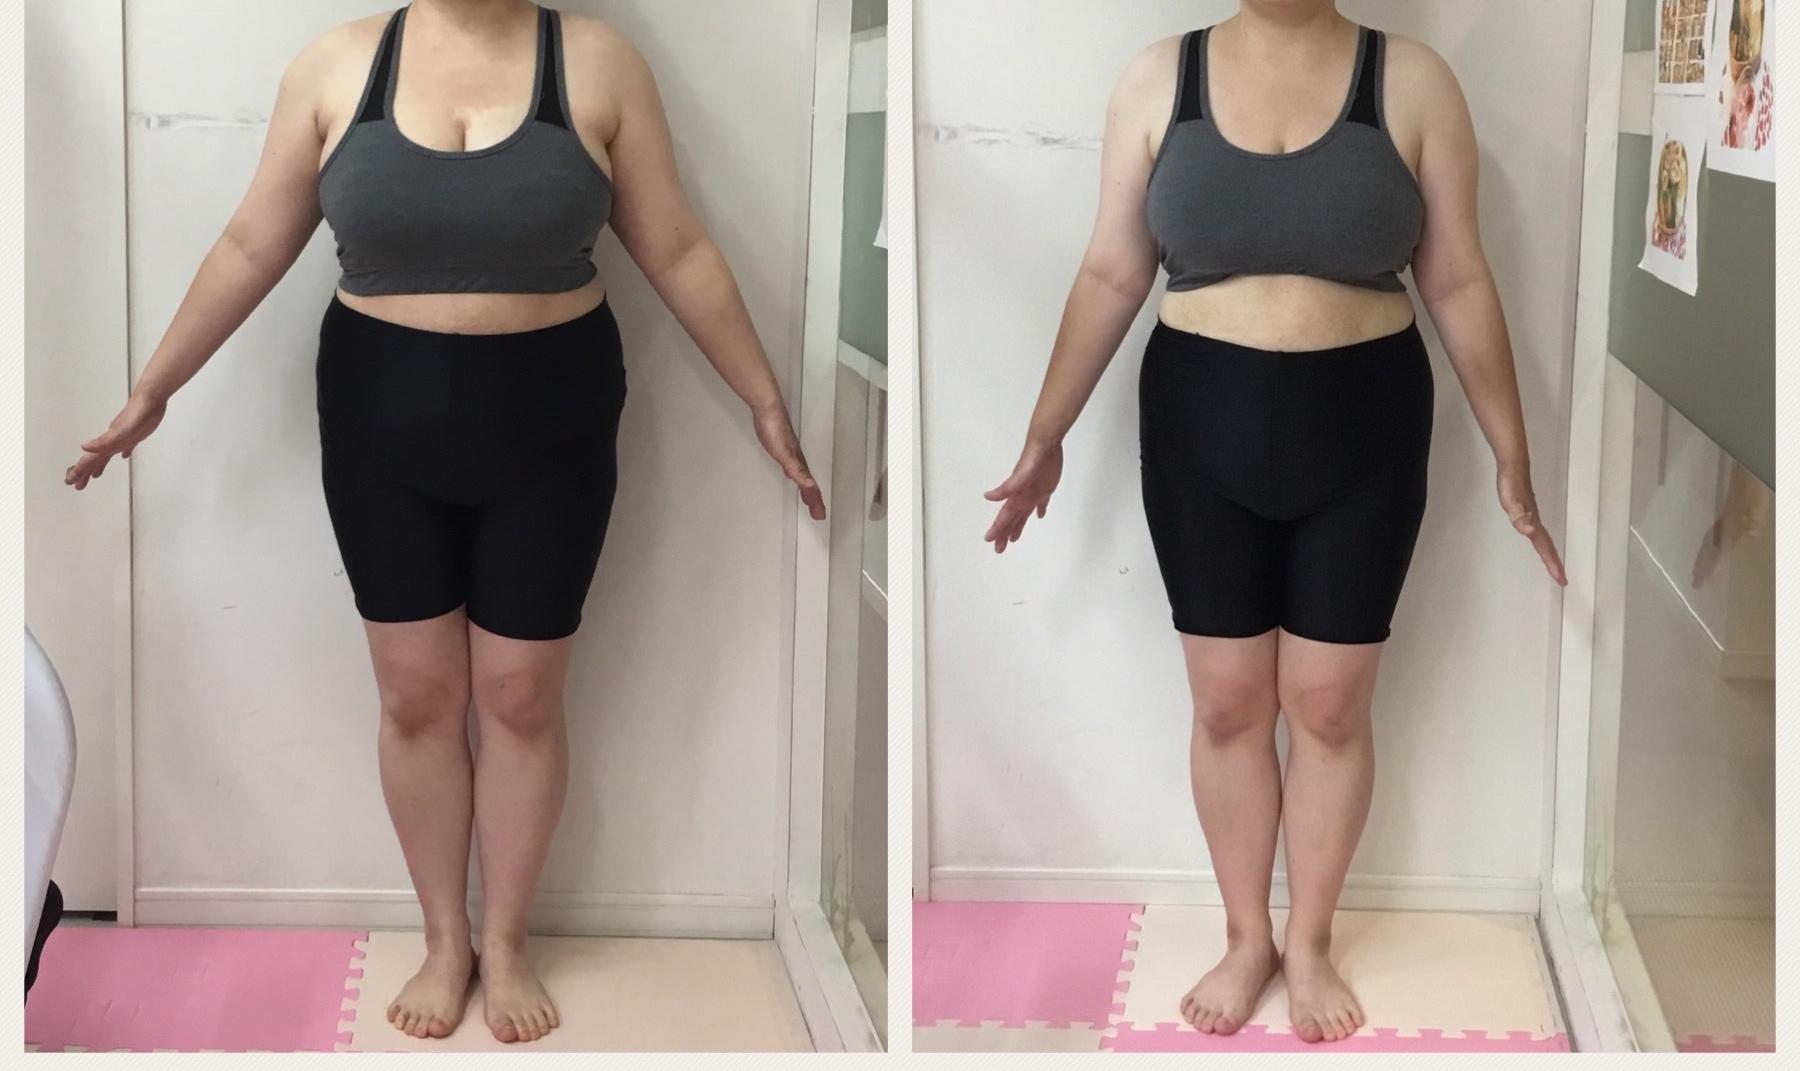 産後太り、産後の歪み、骨盤矯正はリアル健康式ダイエット